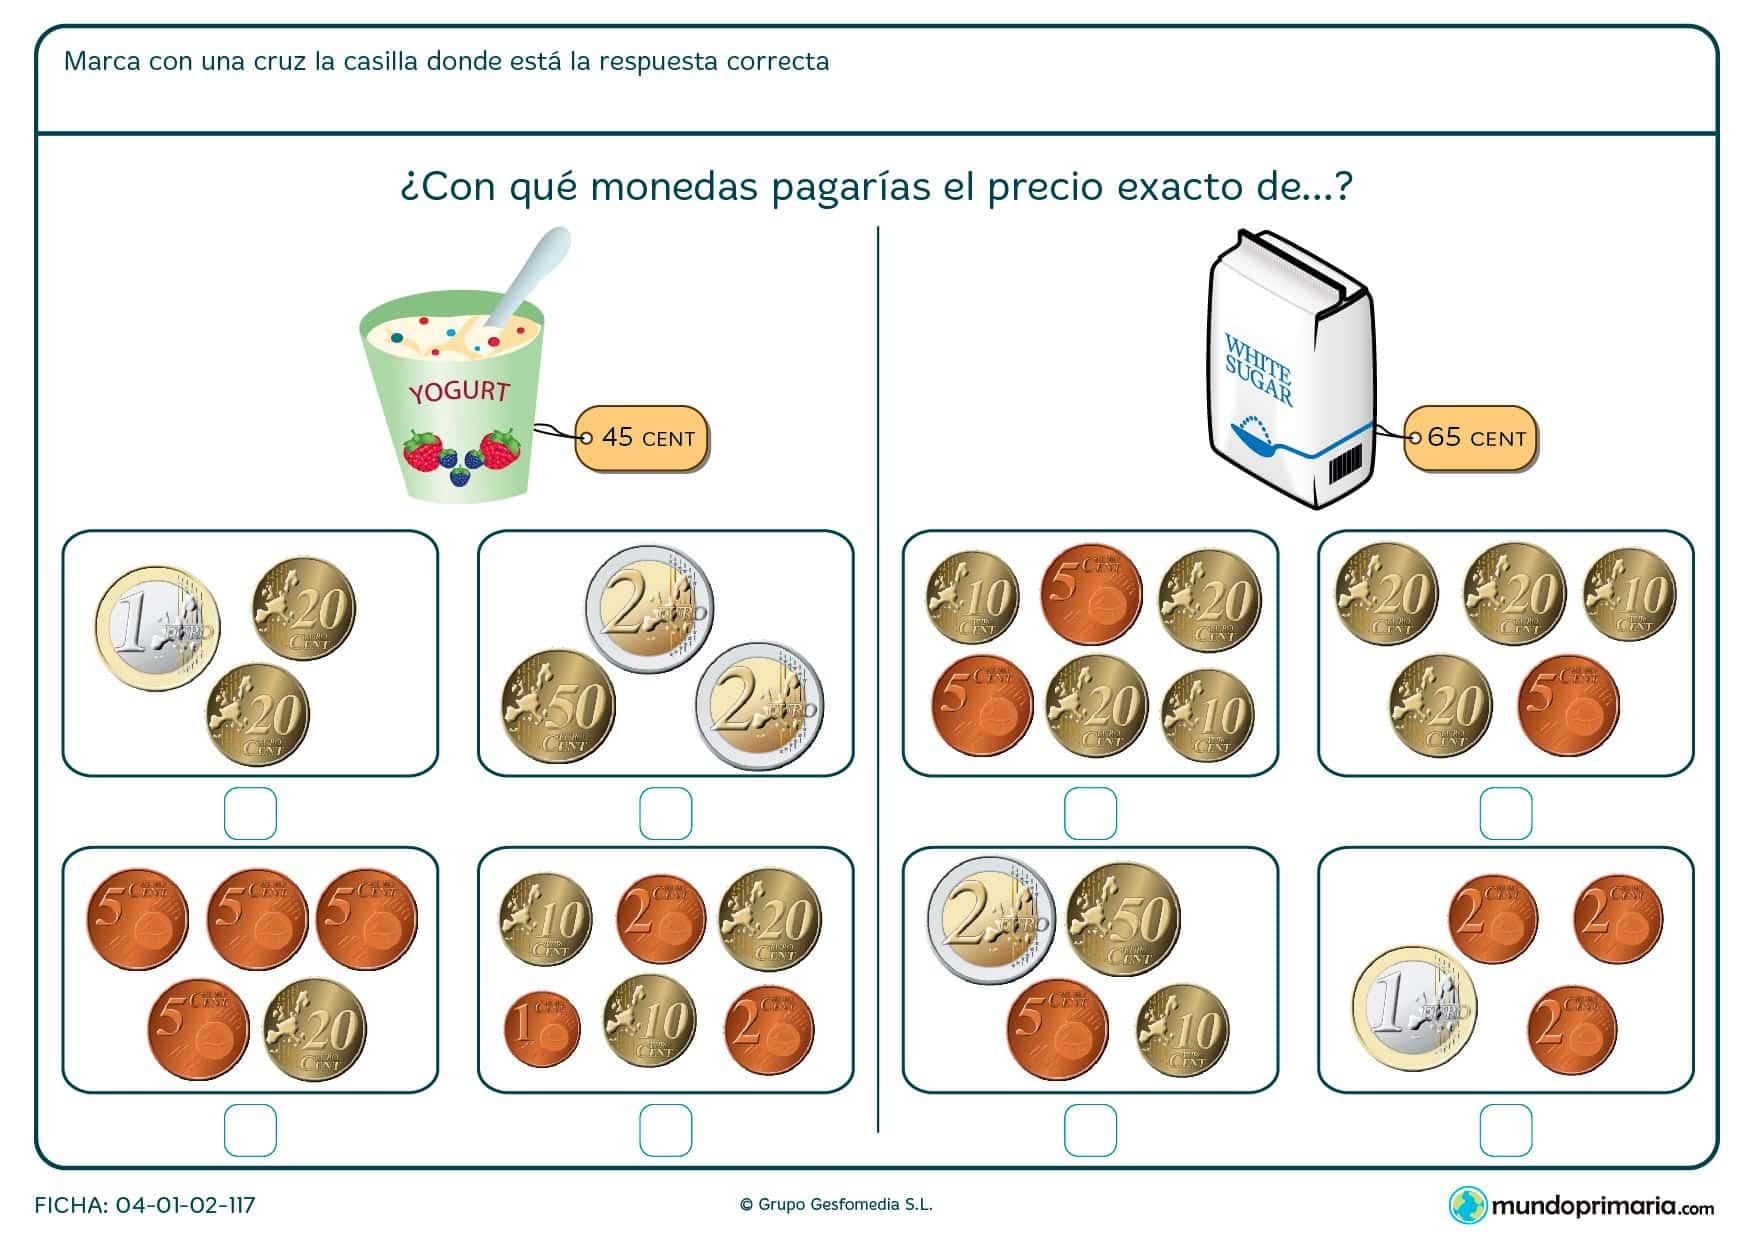 Ficha de decidir el precio exacto del azúcar para niños de Primaria por la que los alumnos aprenderán a manejar monedas.